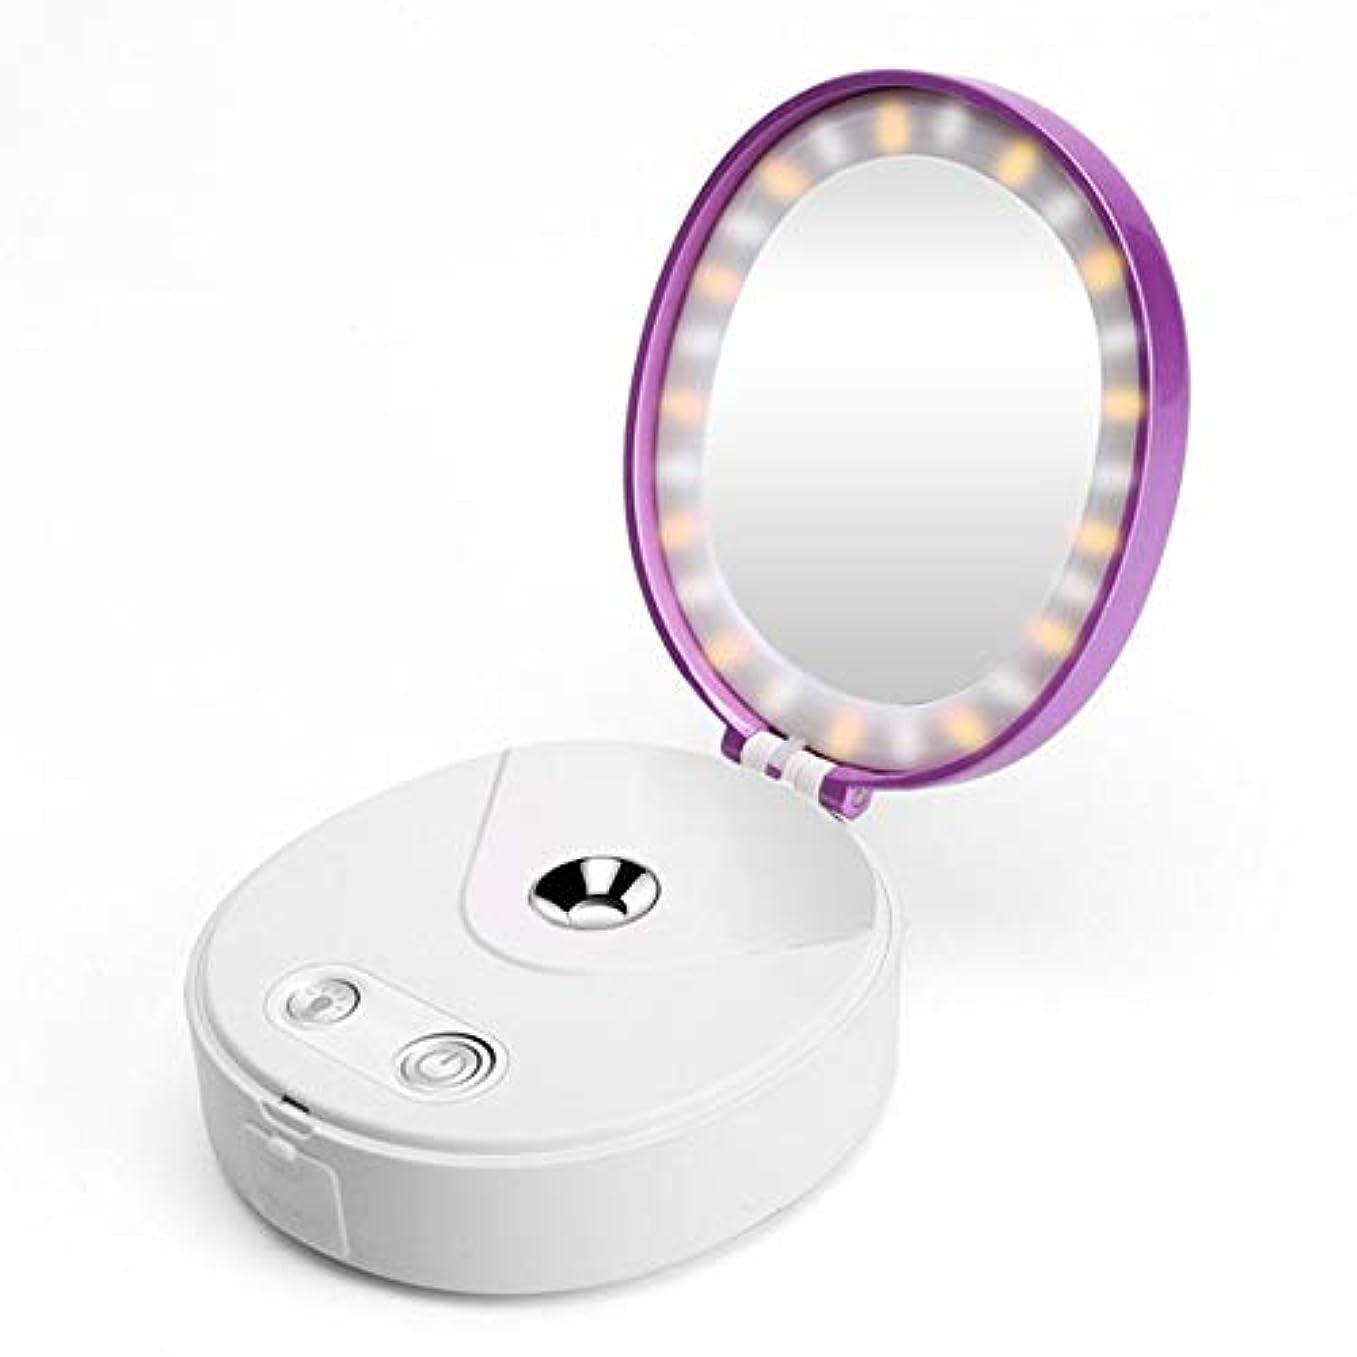 養う衣装良い化粧鏡ライト力銀行が付いている1つの小型ナノ霧の冷たいスプレーヤーの顔の加湿器に付き4つ